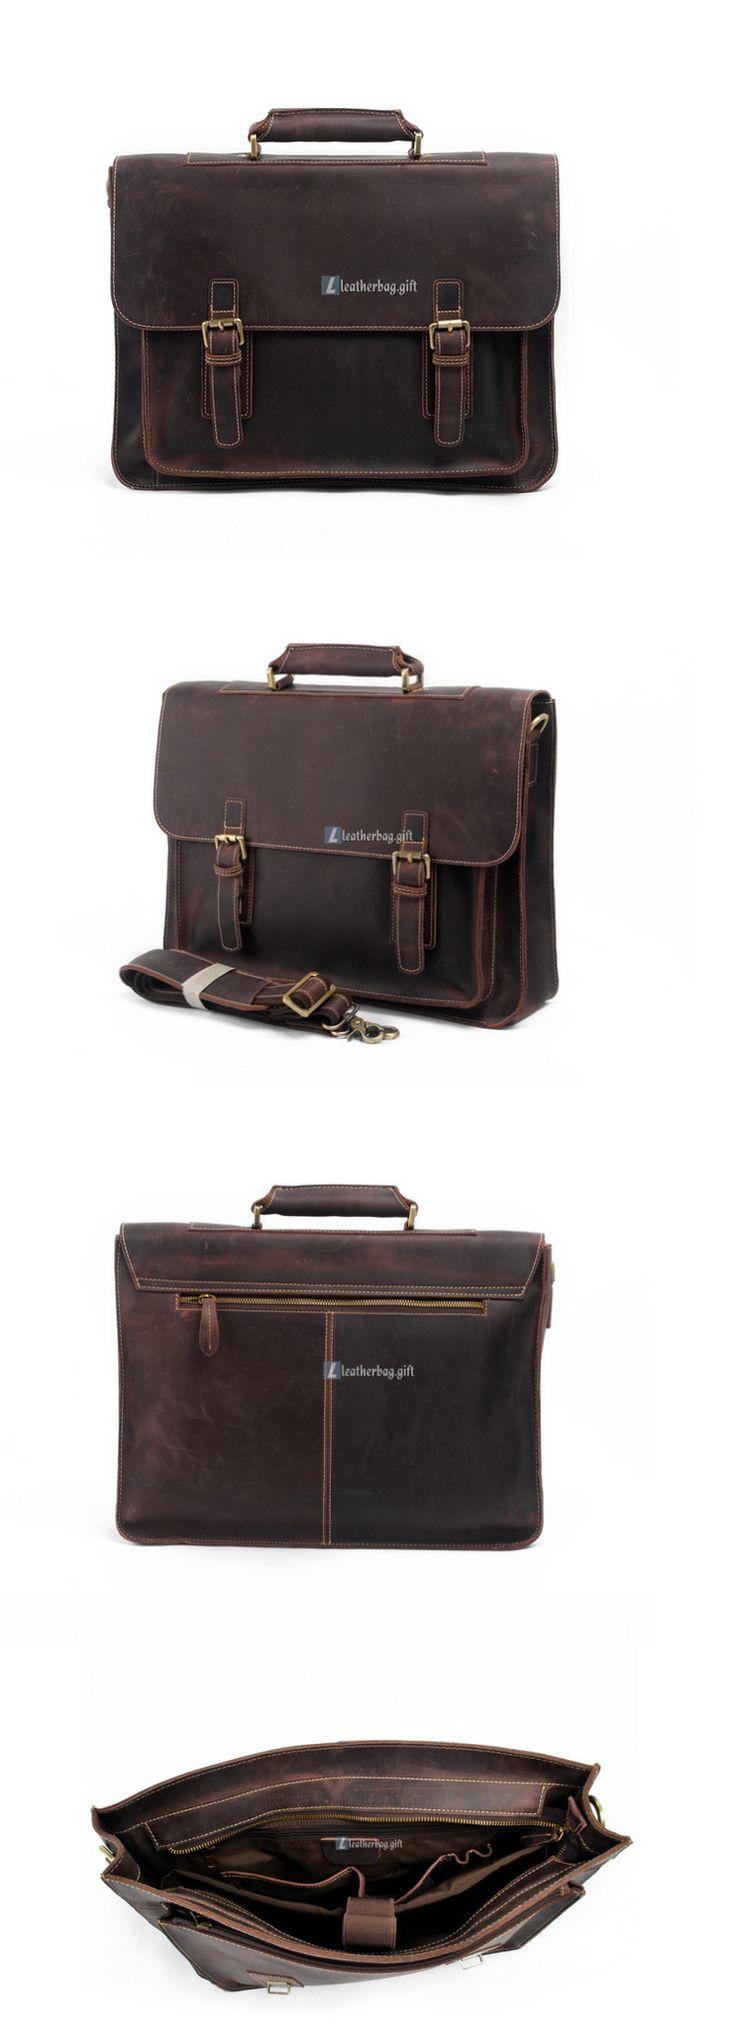 $178.30 Large Messenger Bags for Men Shoulder Bag